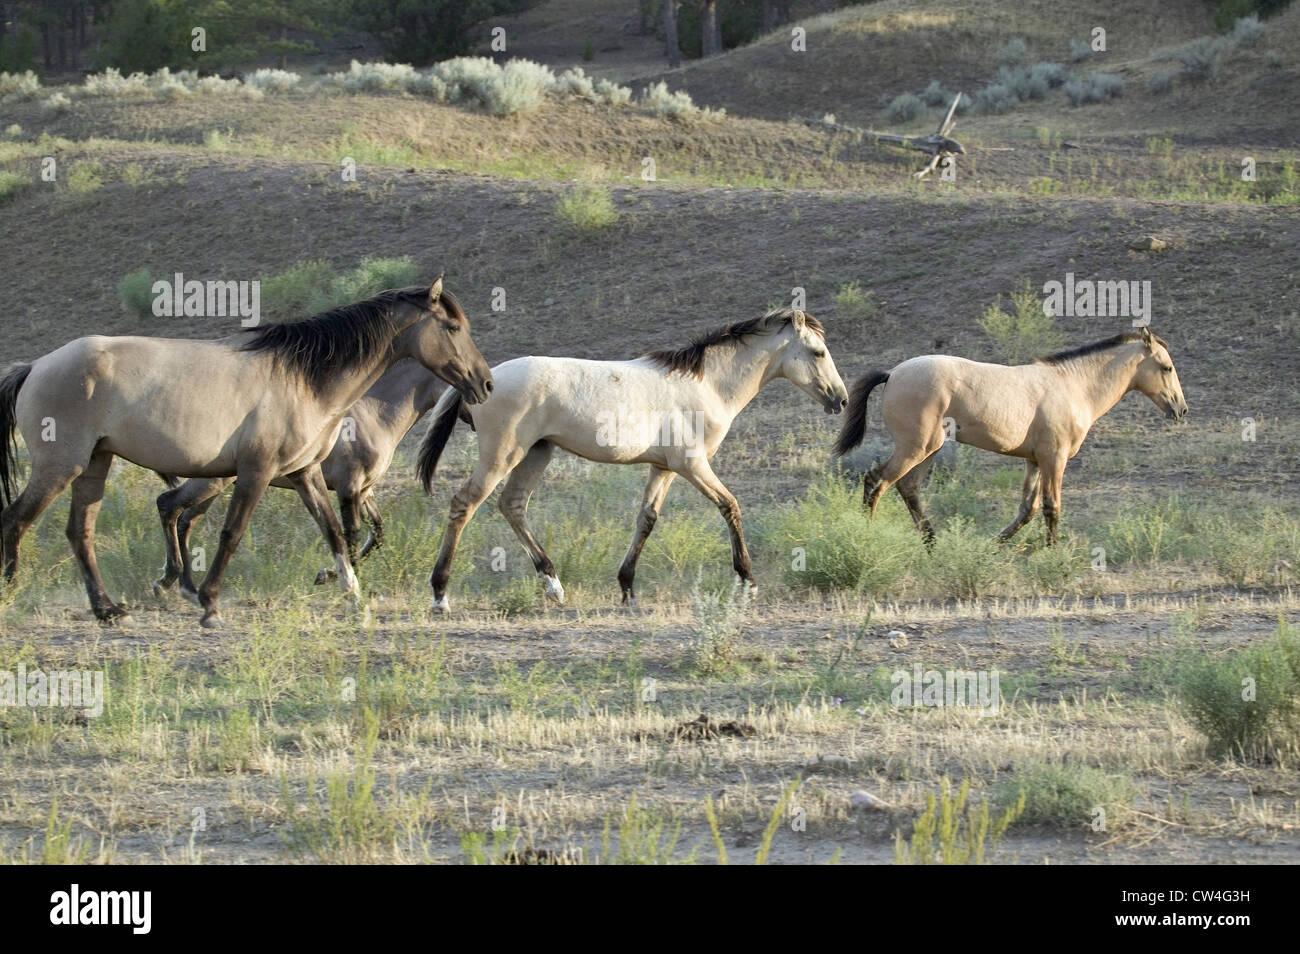 Chevaux sauvages balade dans la ligne Black Hills Wild Horse Sanctuary accueil à plus grand troupeau de chevaux Banque D'Images